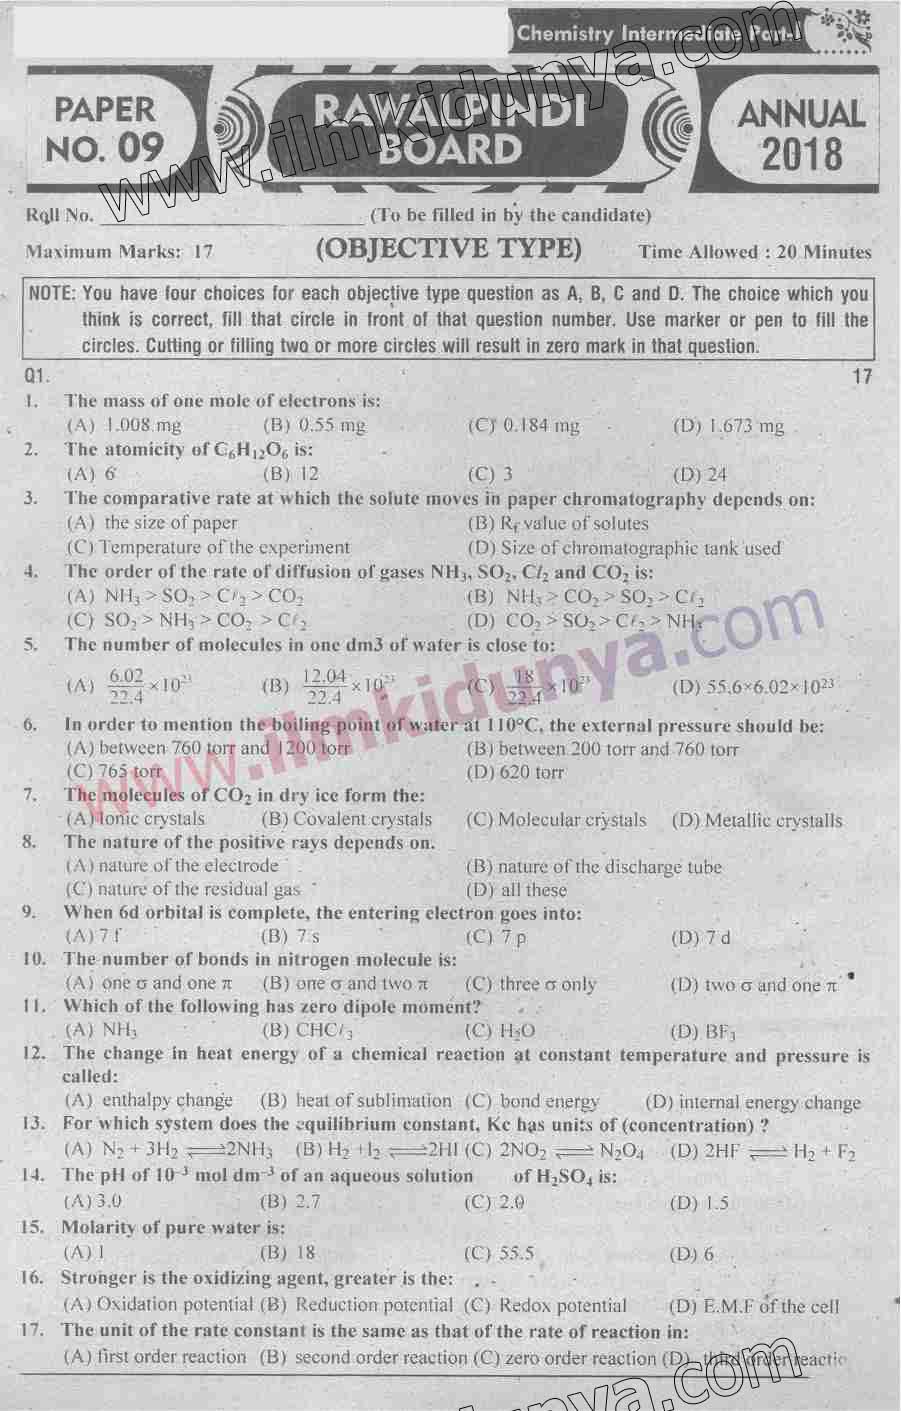 Past Papers 2018 Rawalpindi Board FSc Part 1 Chemistry